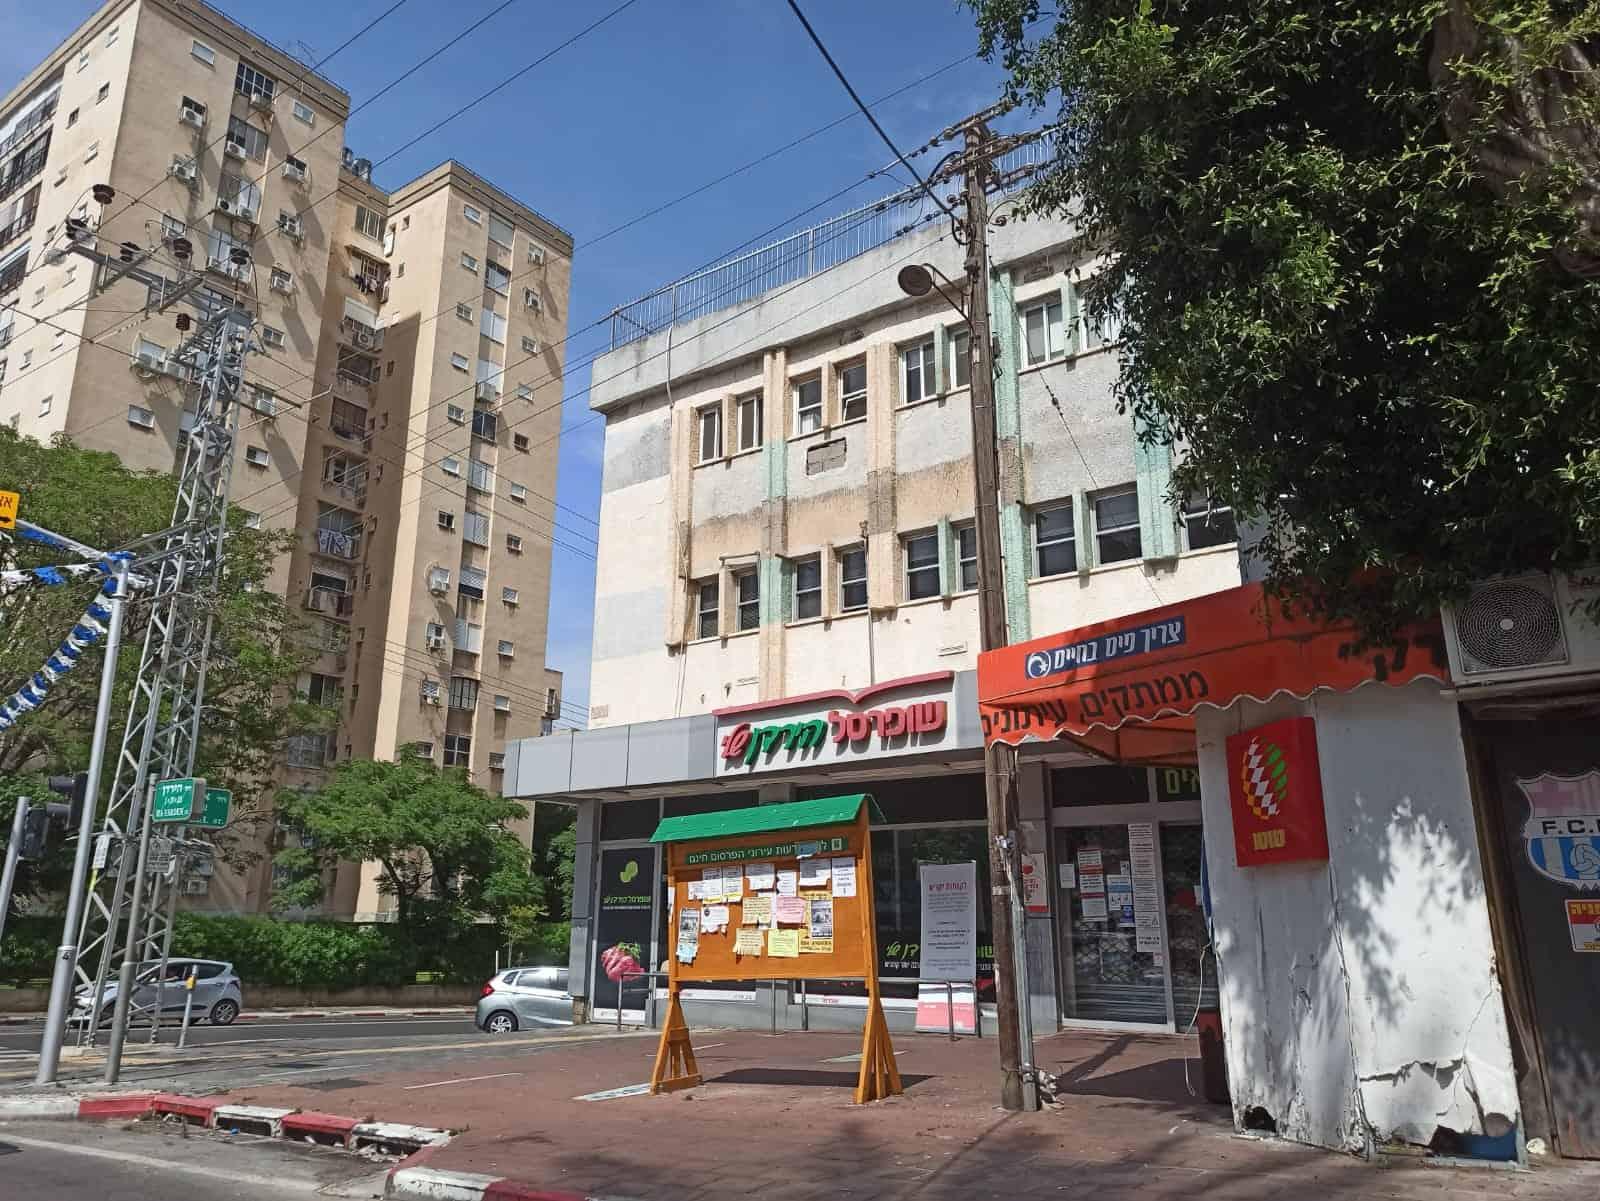 רחוב הירדן רמת גן צילום רמת גן גבעתיים ניוז